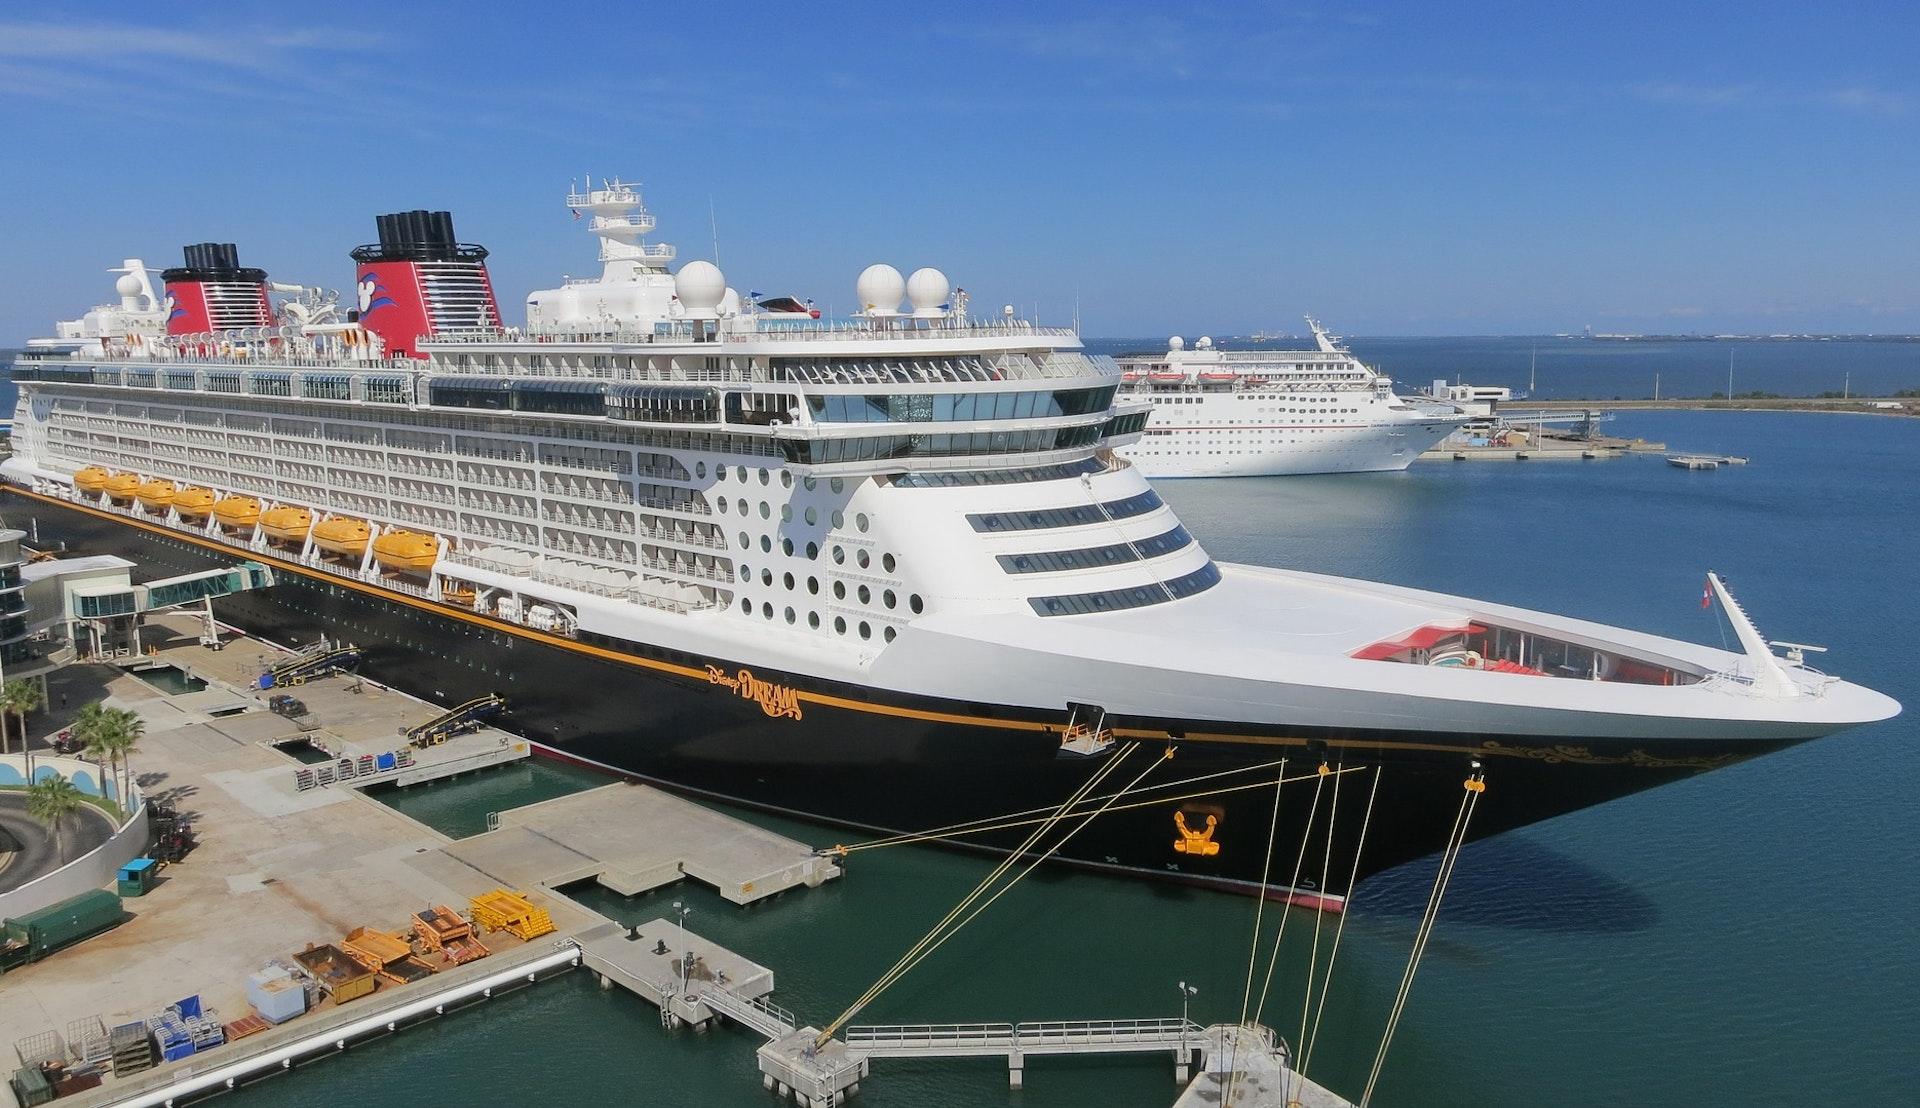 Disney Dream til kai i Port Canaveral © James Hills, Pixabay